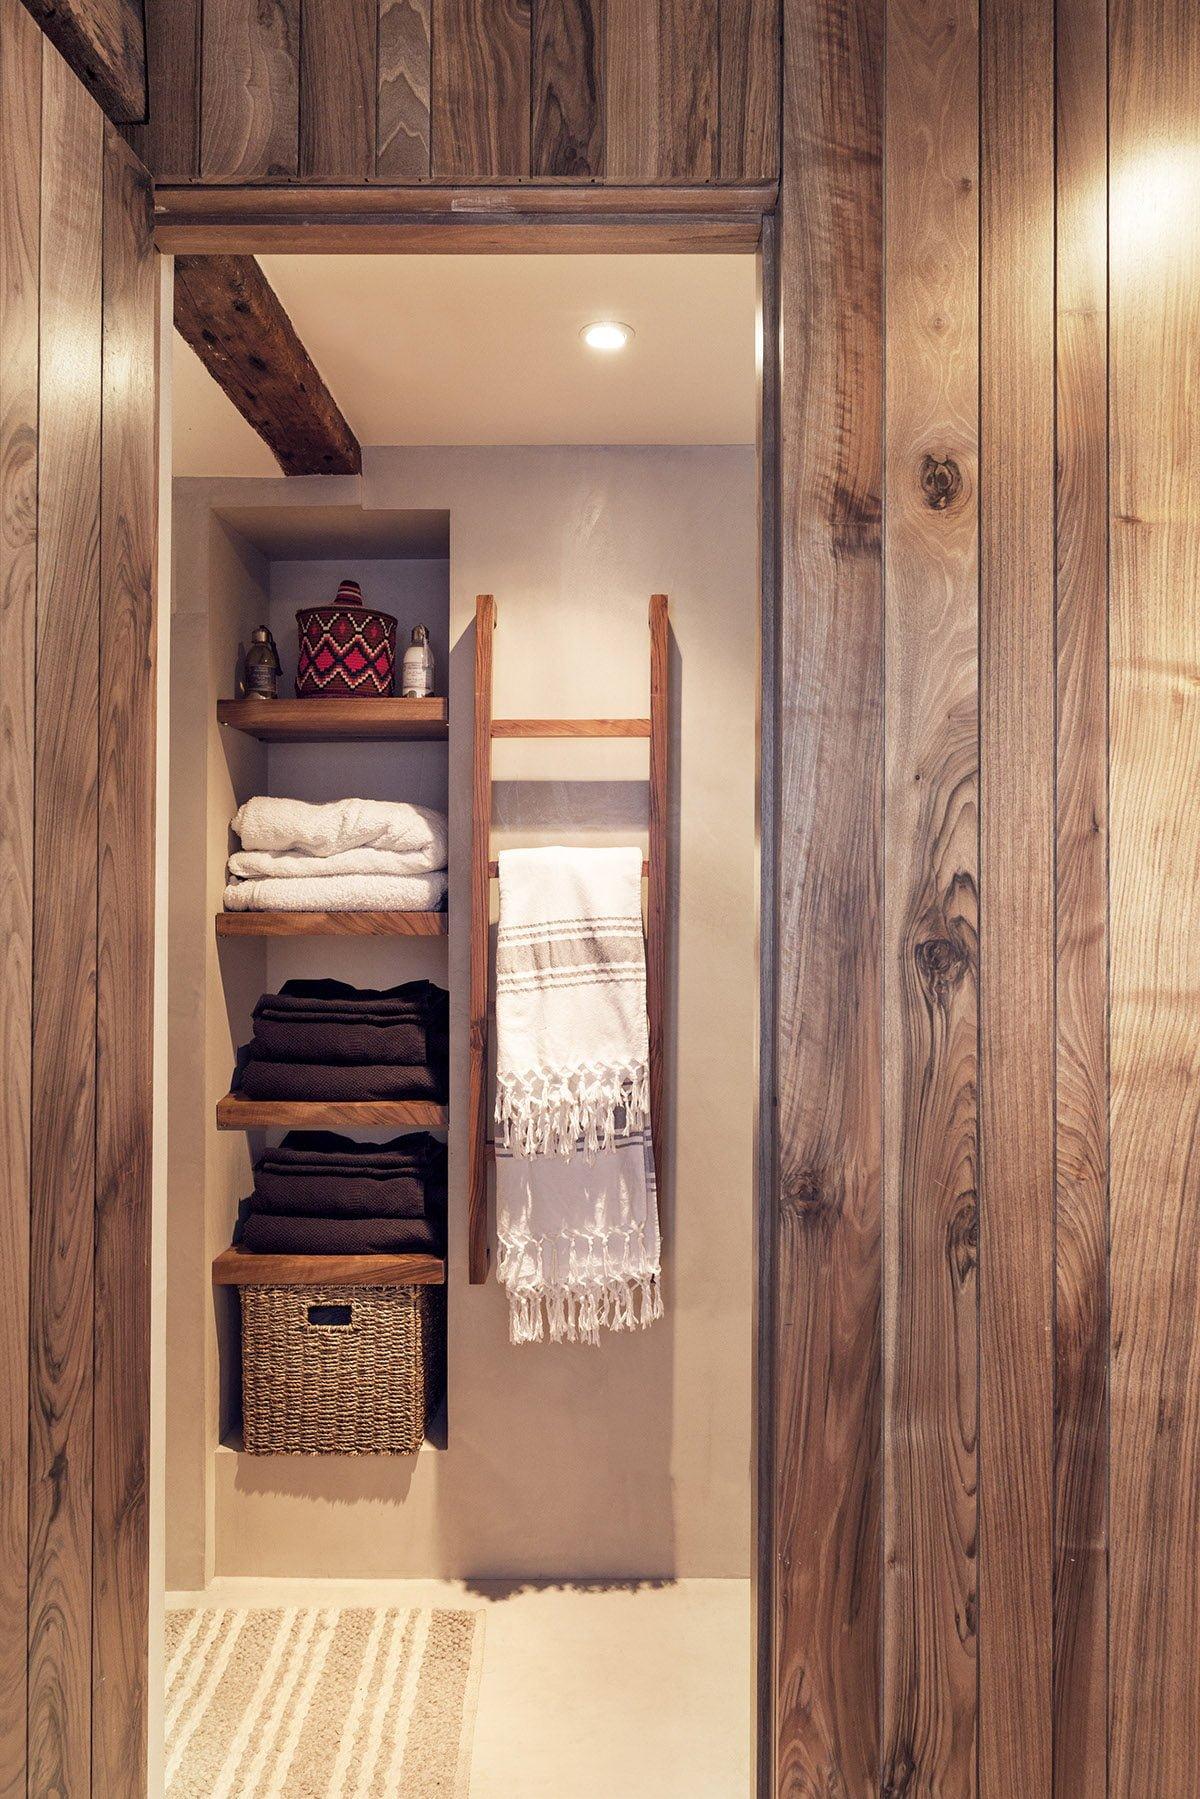 17linen-closet-shelving